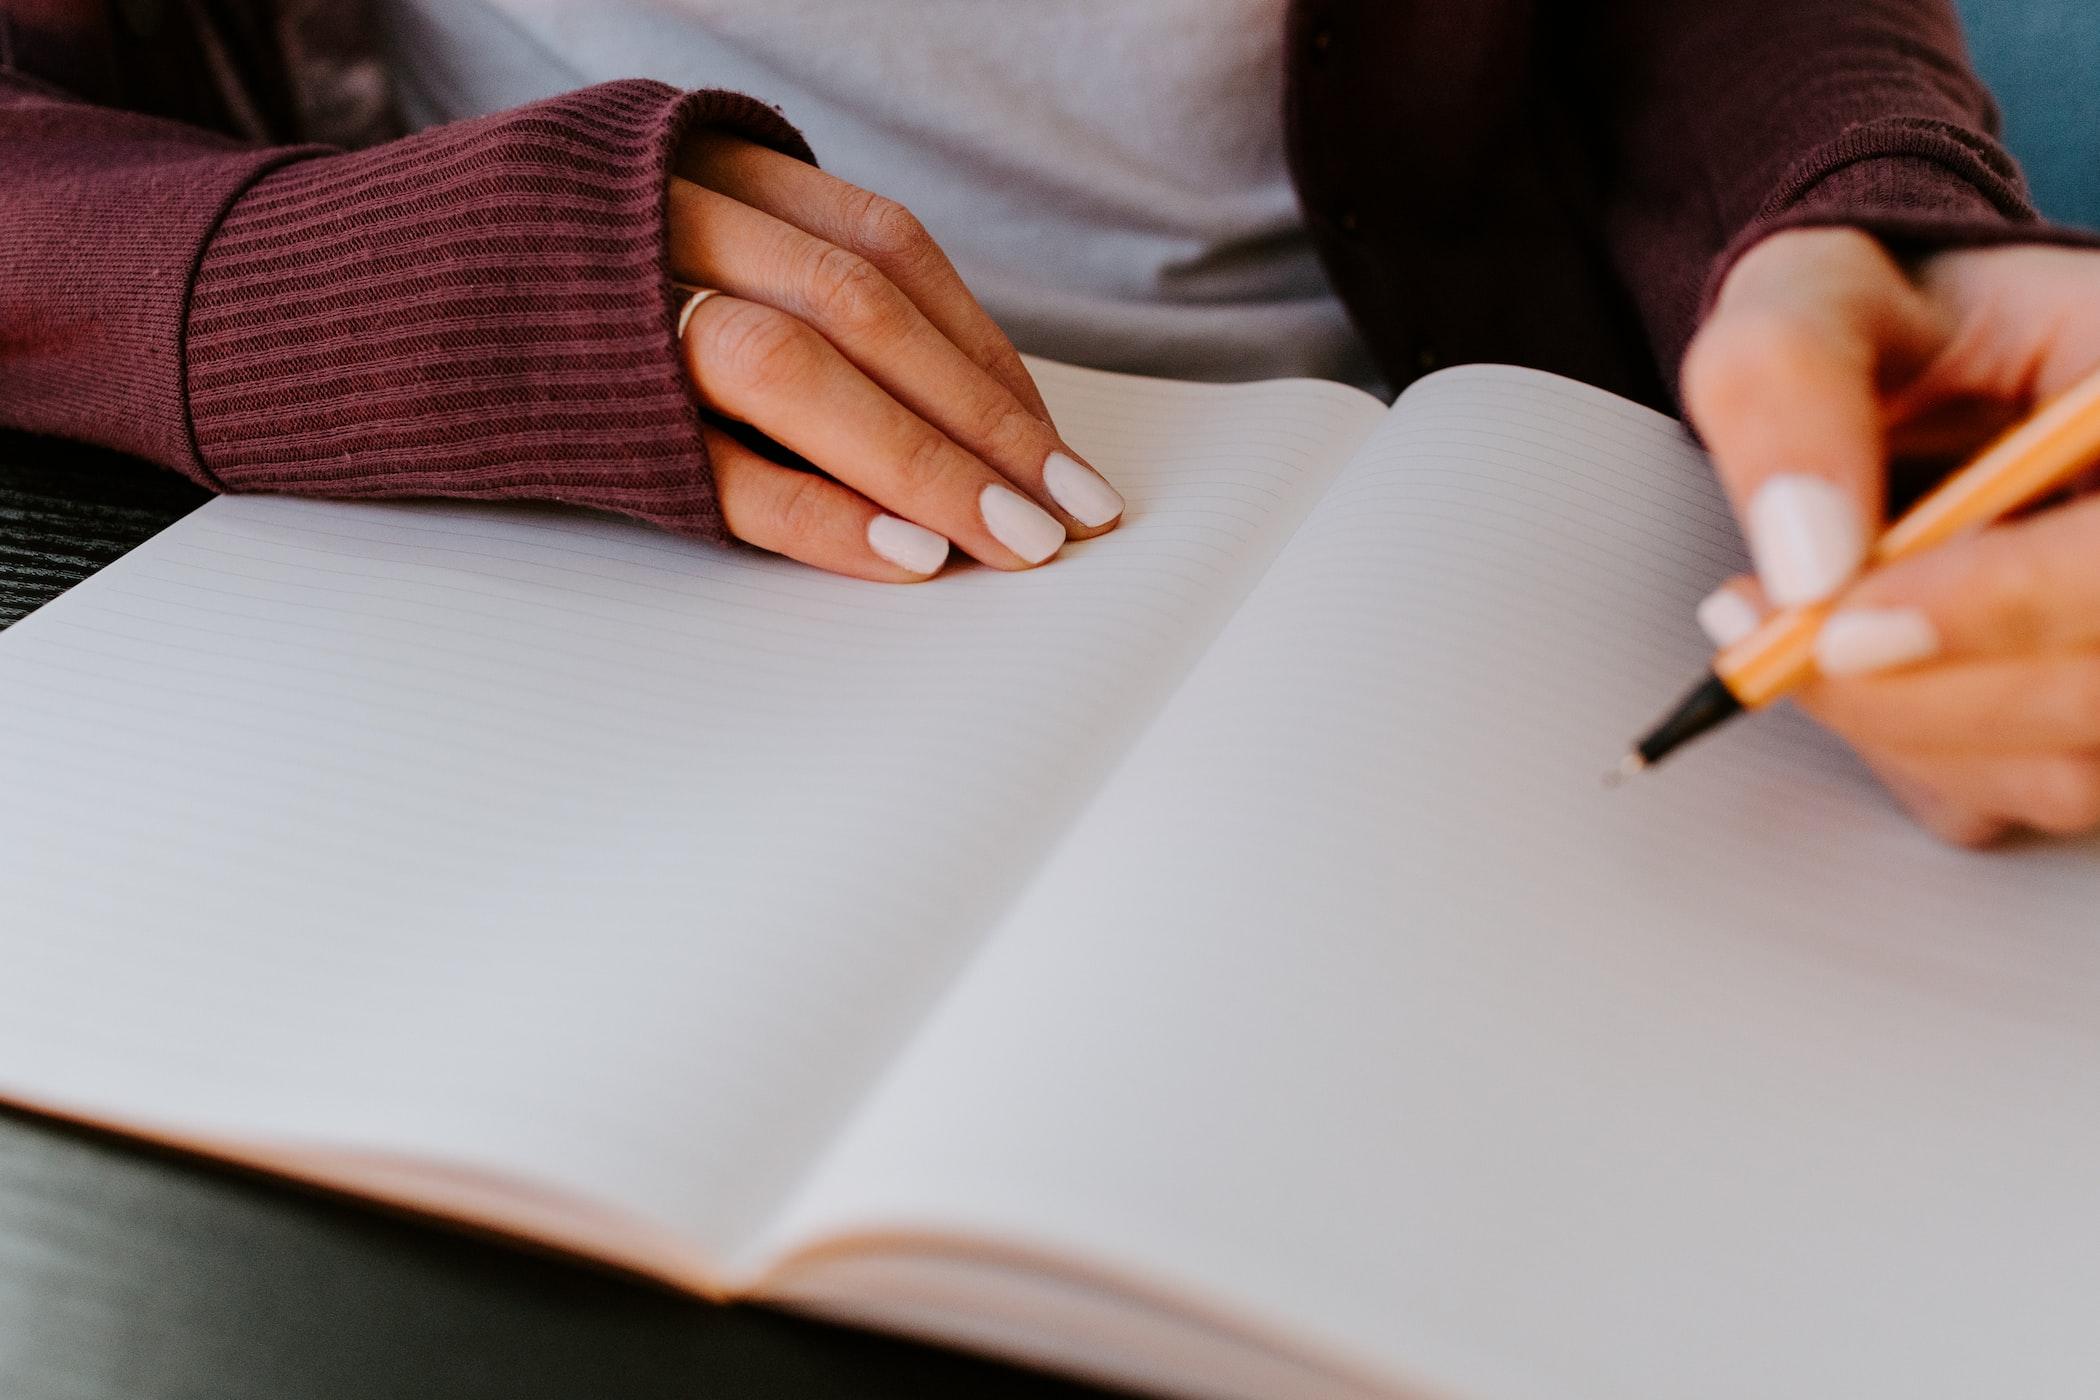 授業中にバレずに内職をするコツ・バレない方法『授業と同じ科目の勉強をする』